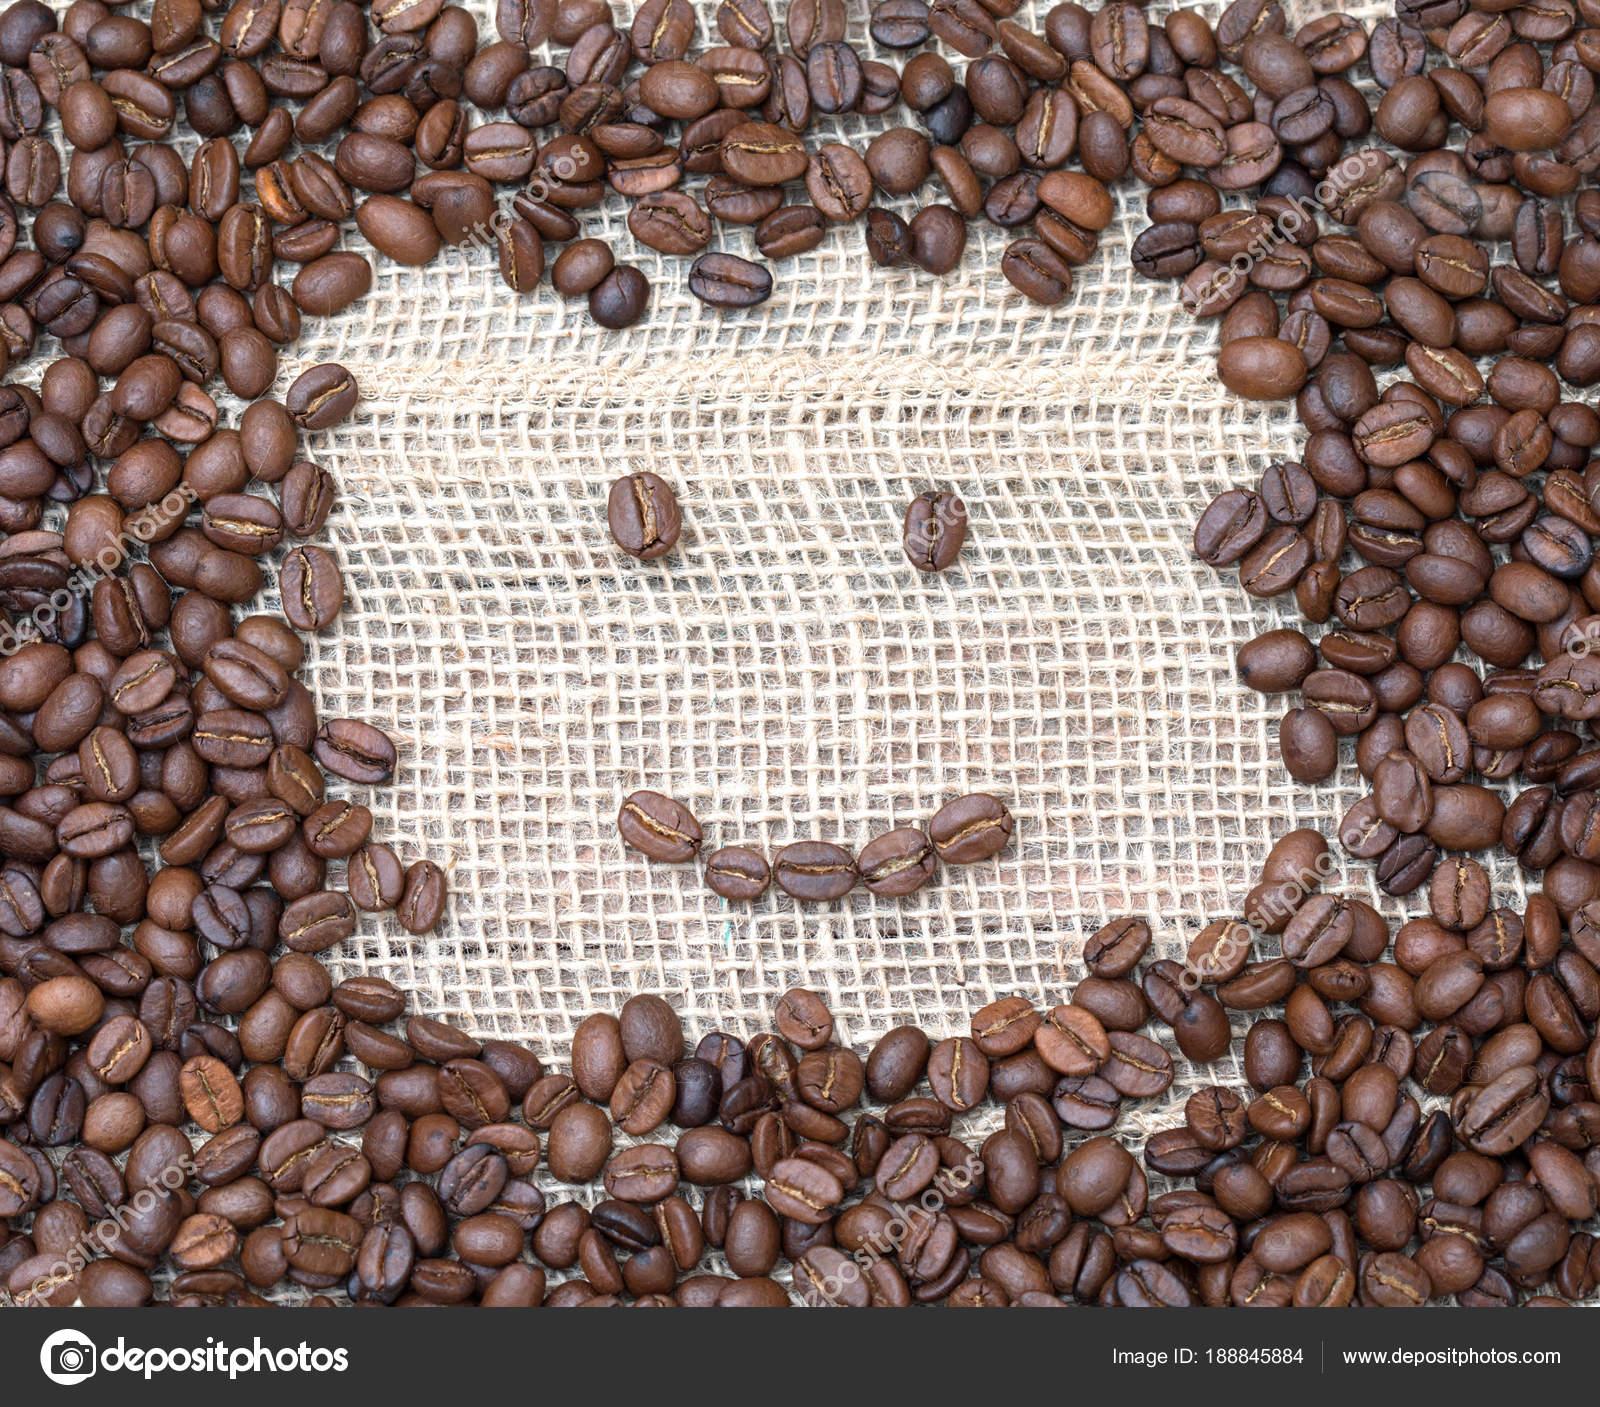 Niedlichen Smiley Gesicht Gemacht Aus Kaffeebohnen Fröhlich